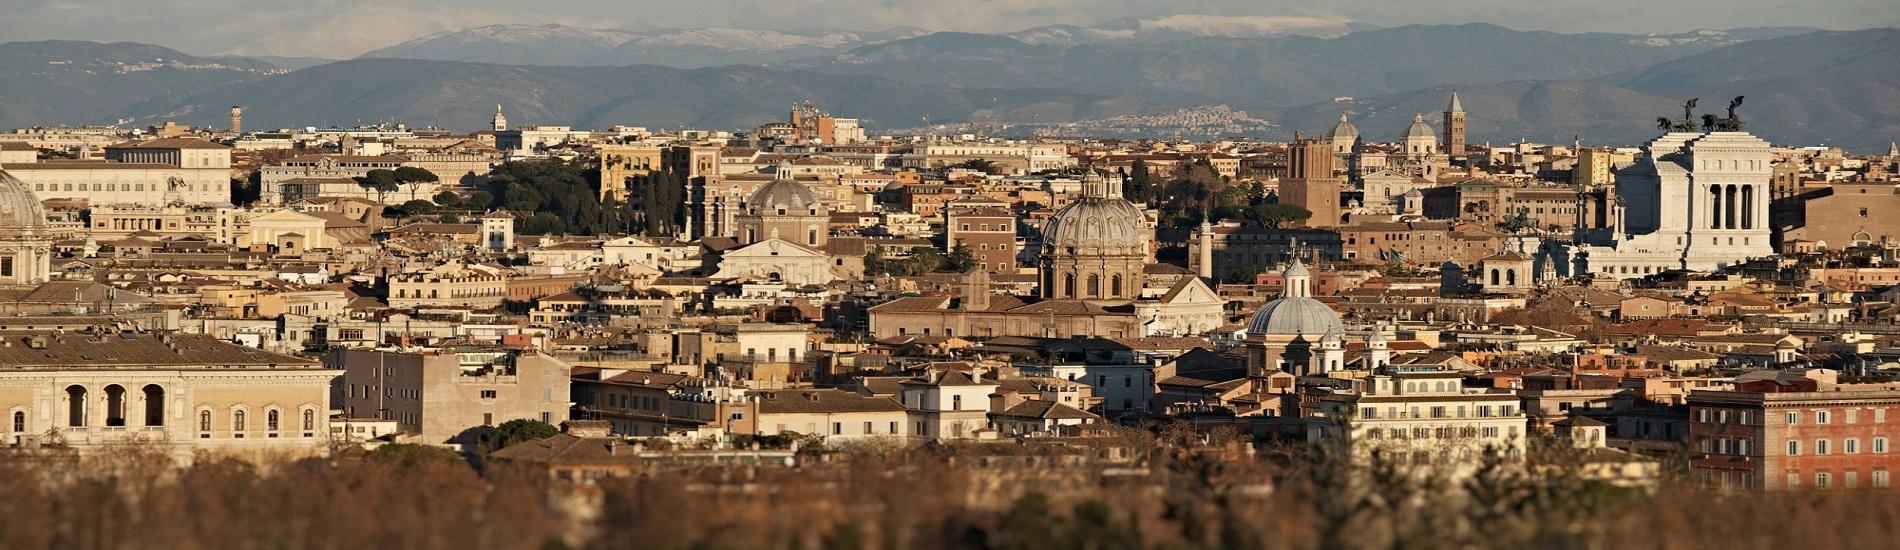 Roma 2019. XVI Assemblea e Convegno